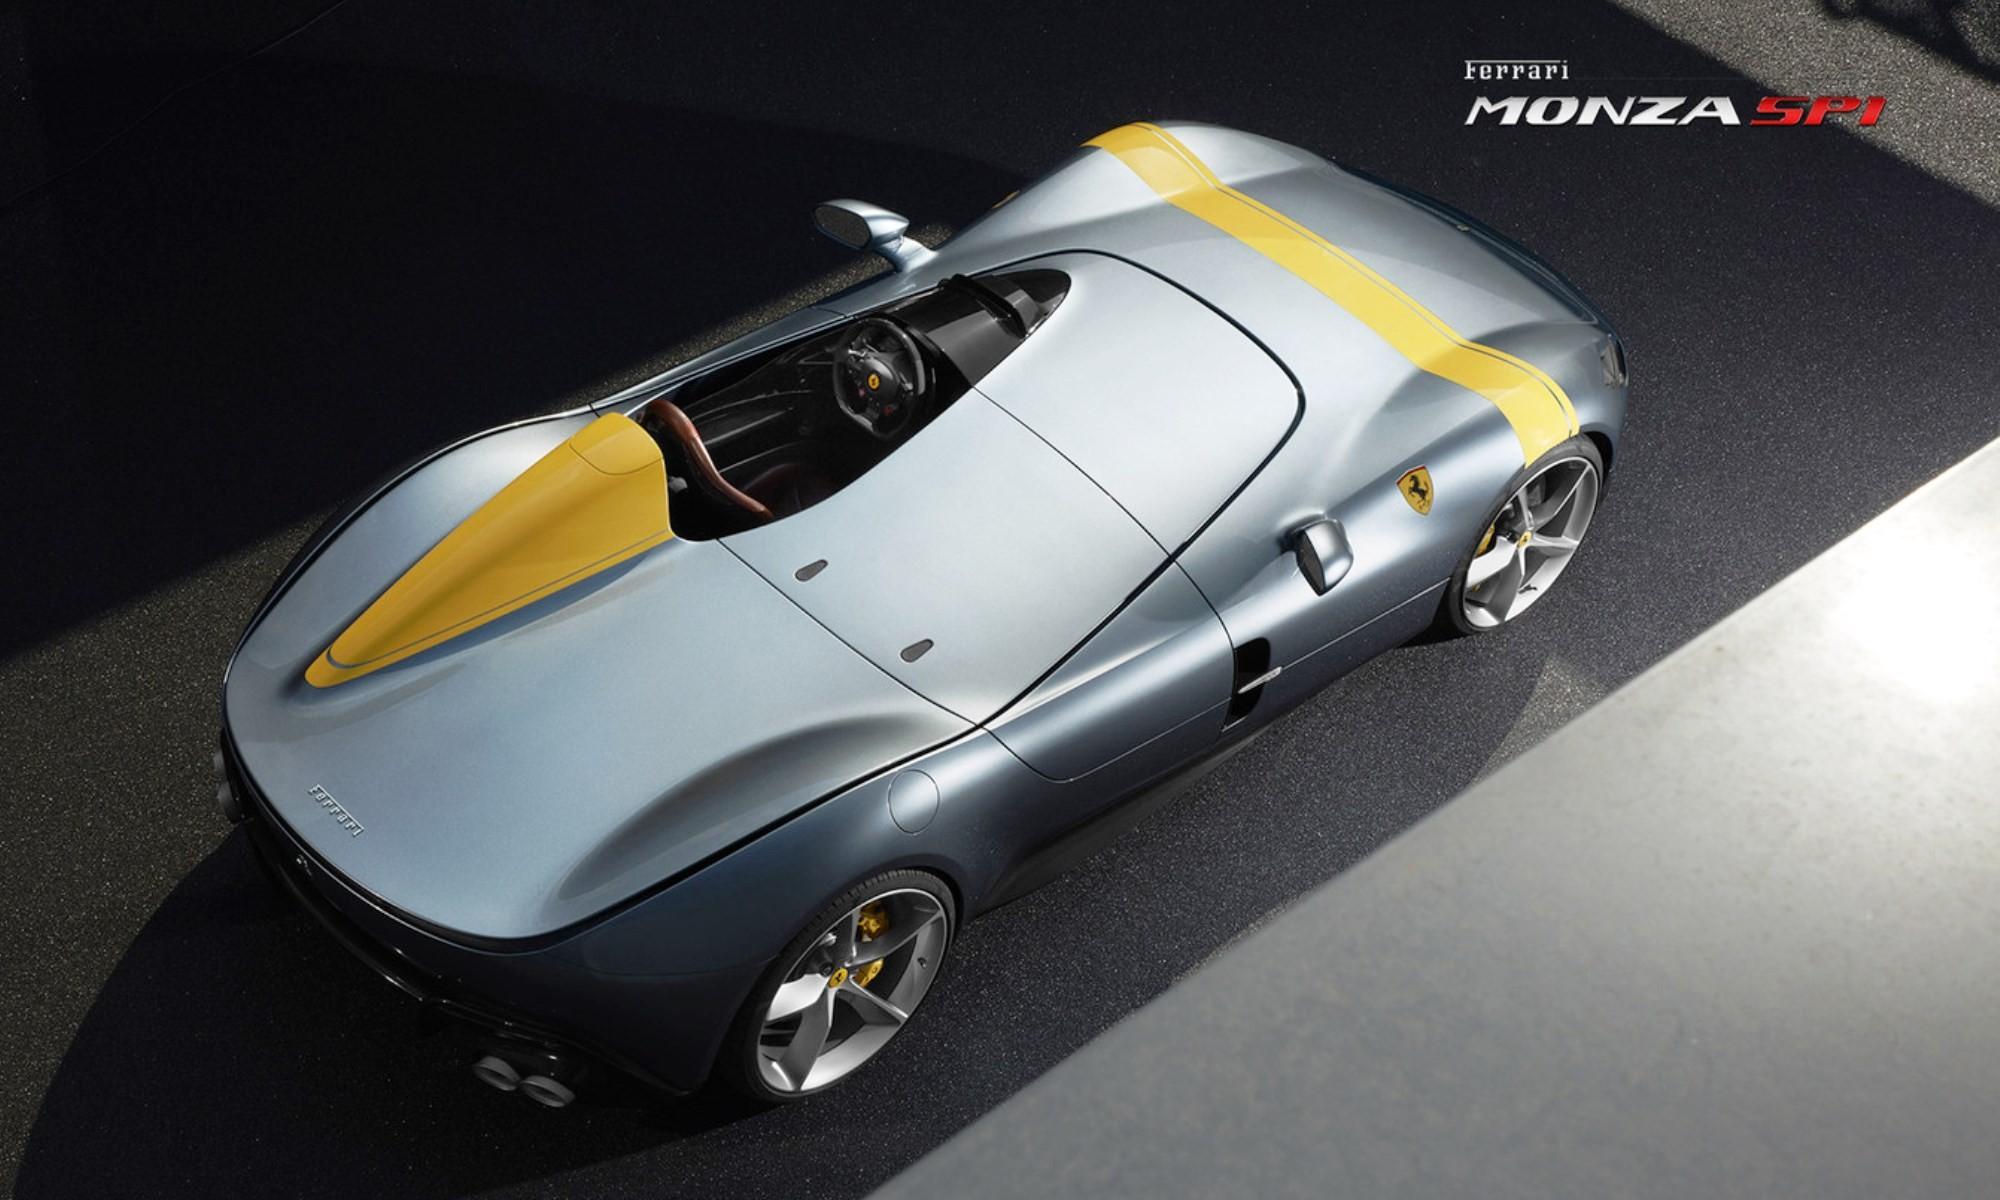 Ferrari Monza SP1 top